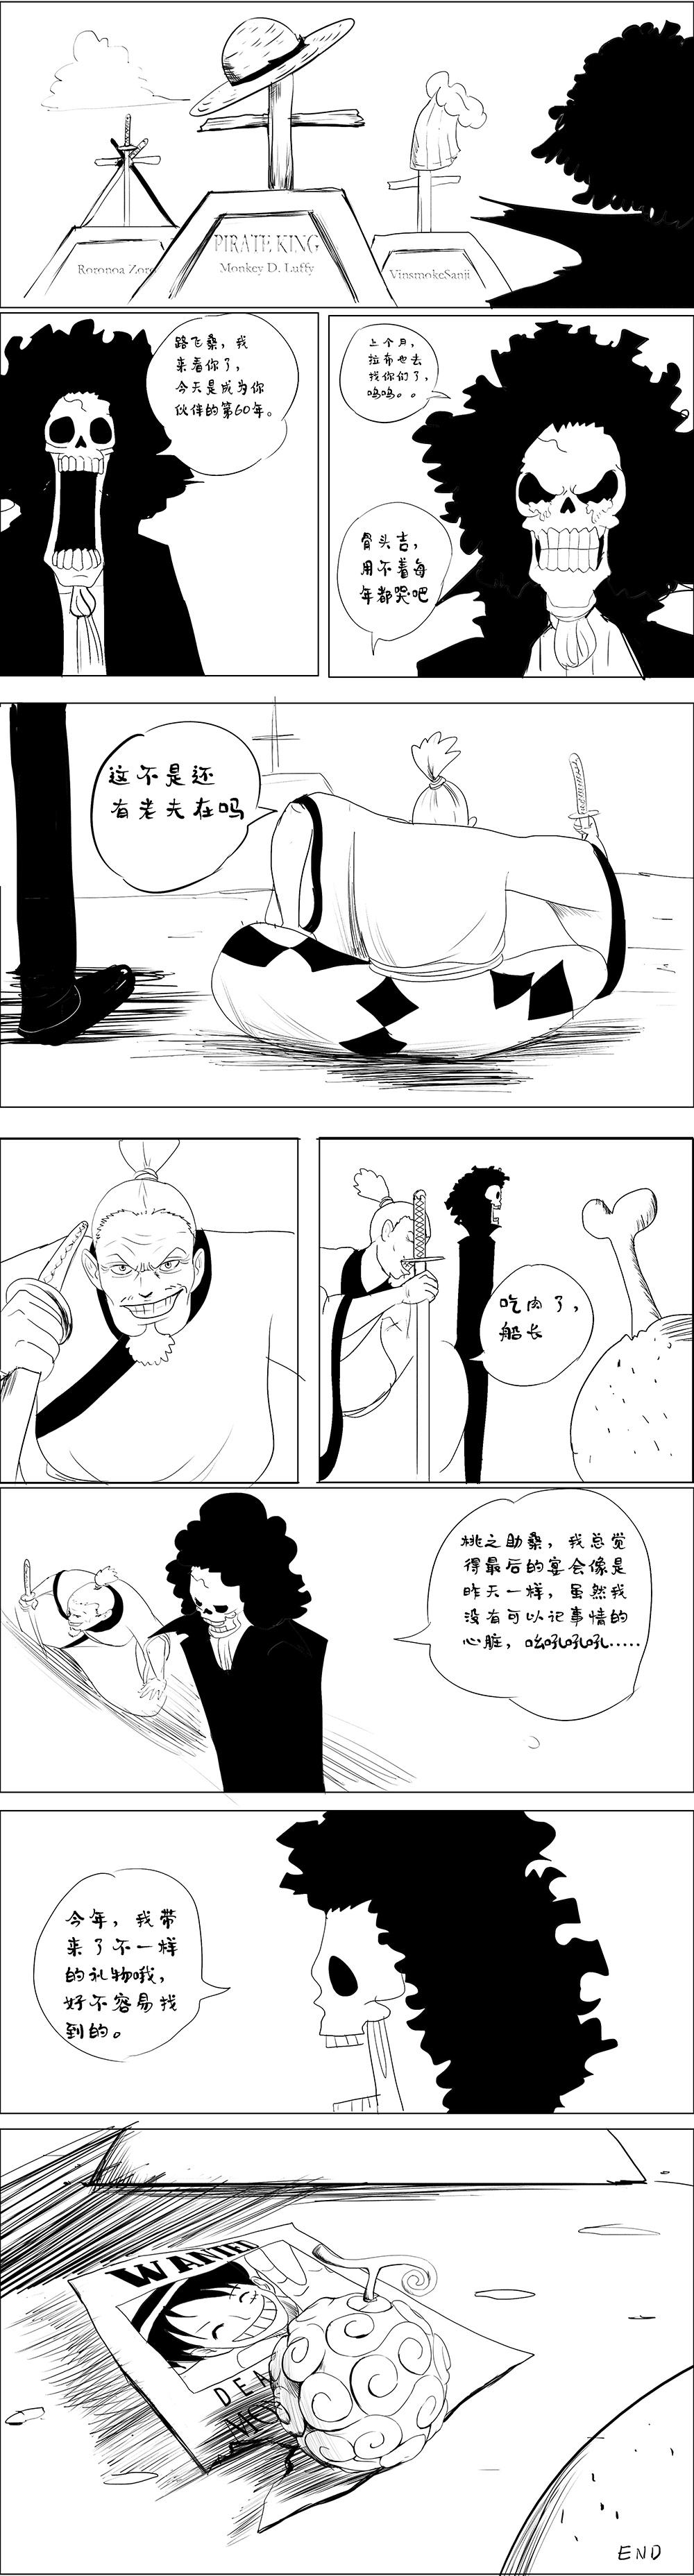 海贼王2.jpg